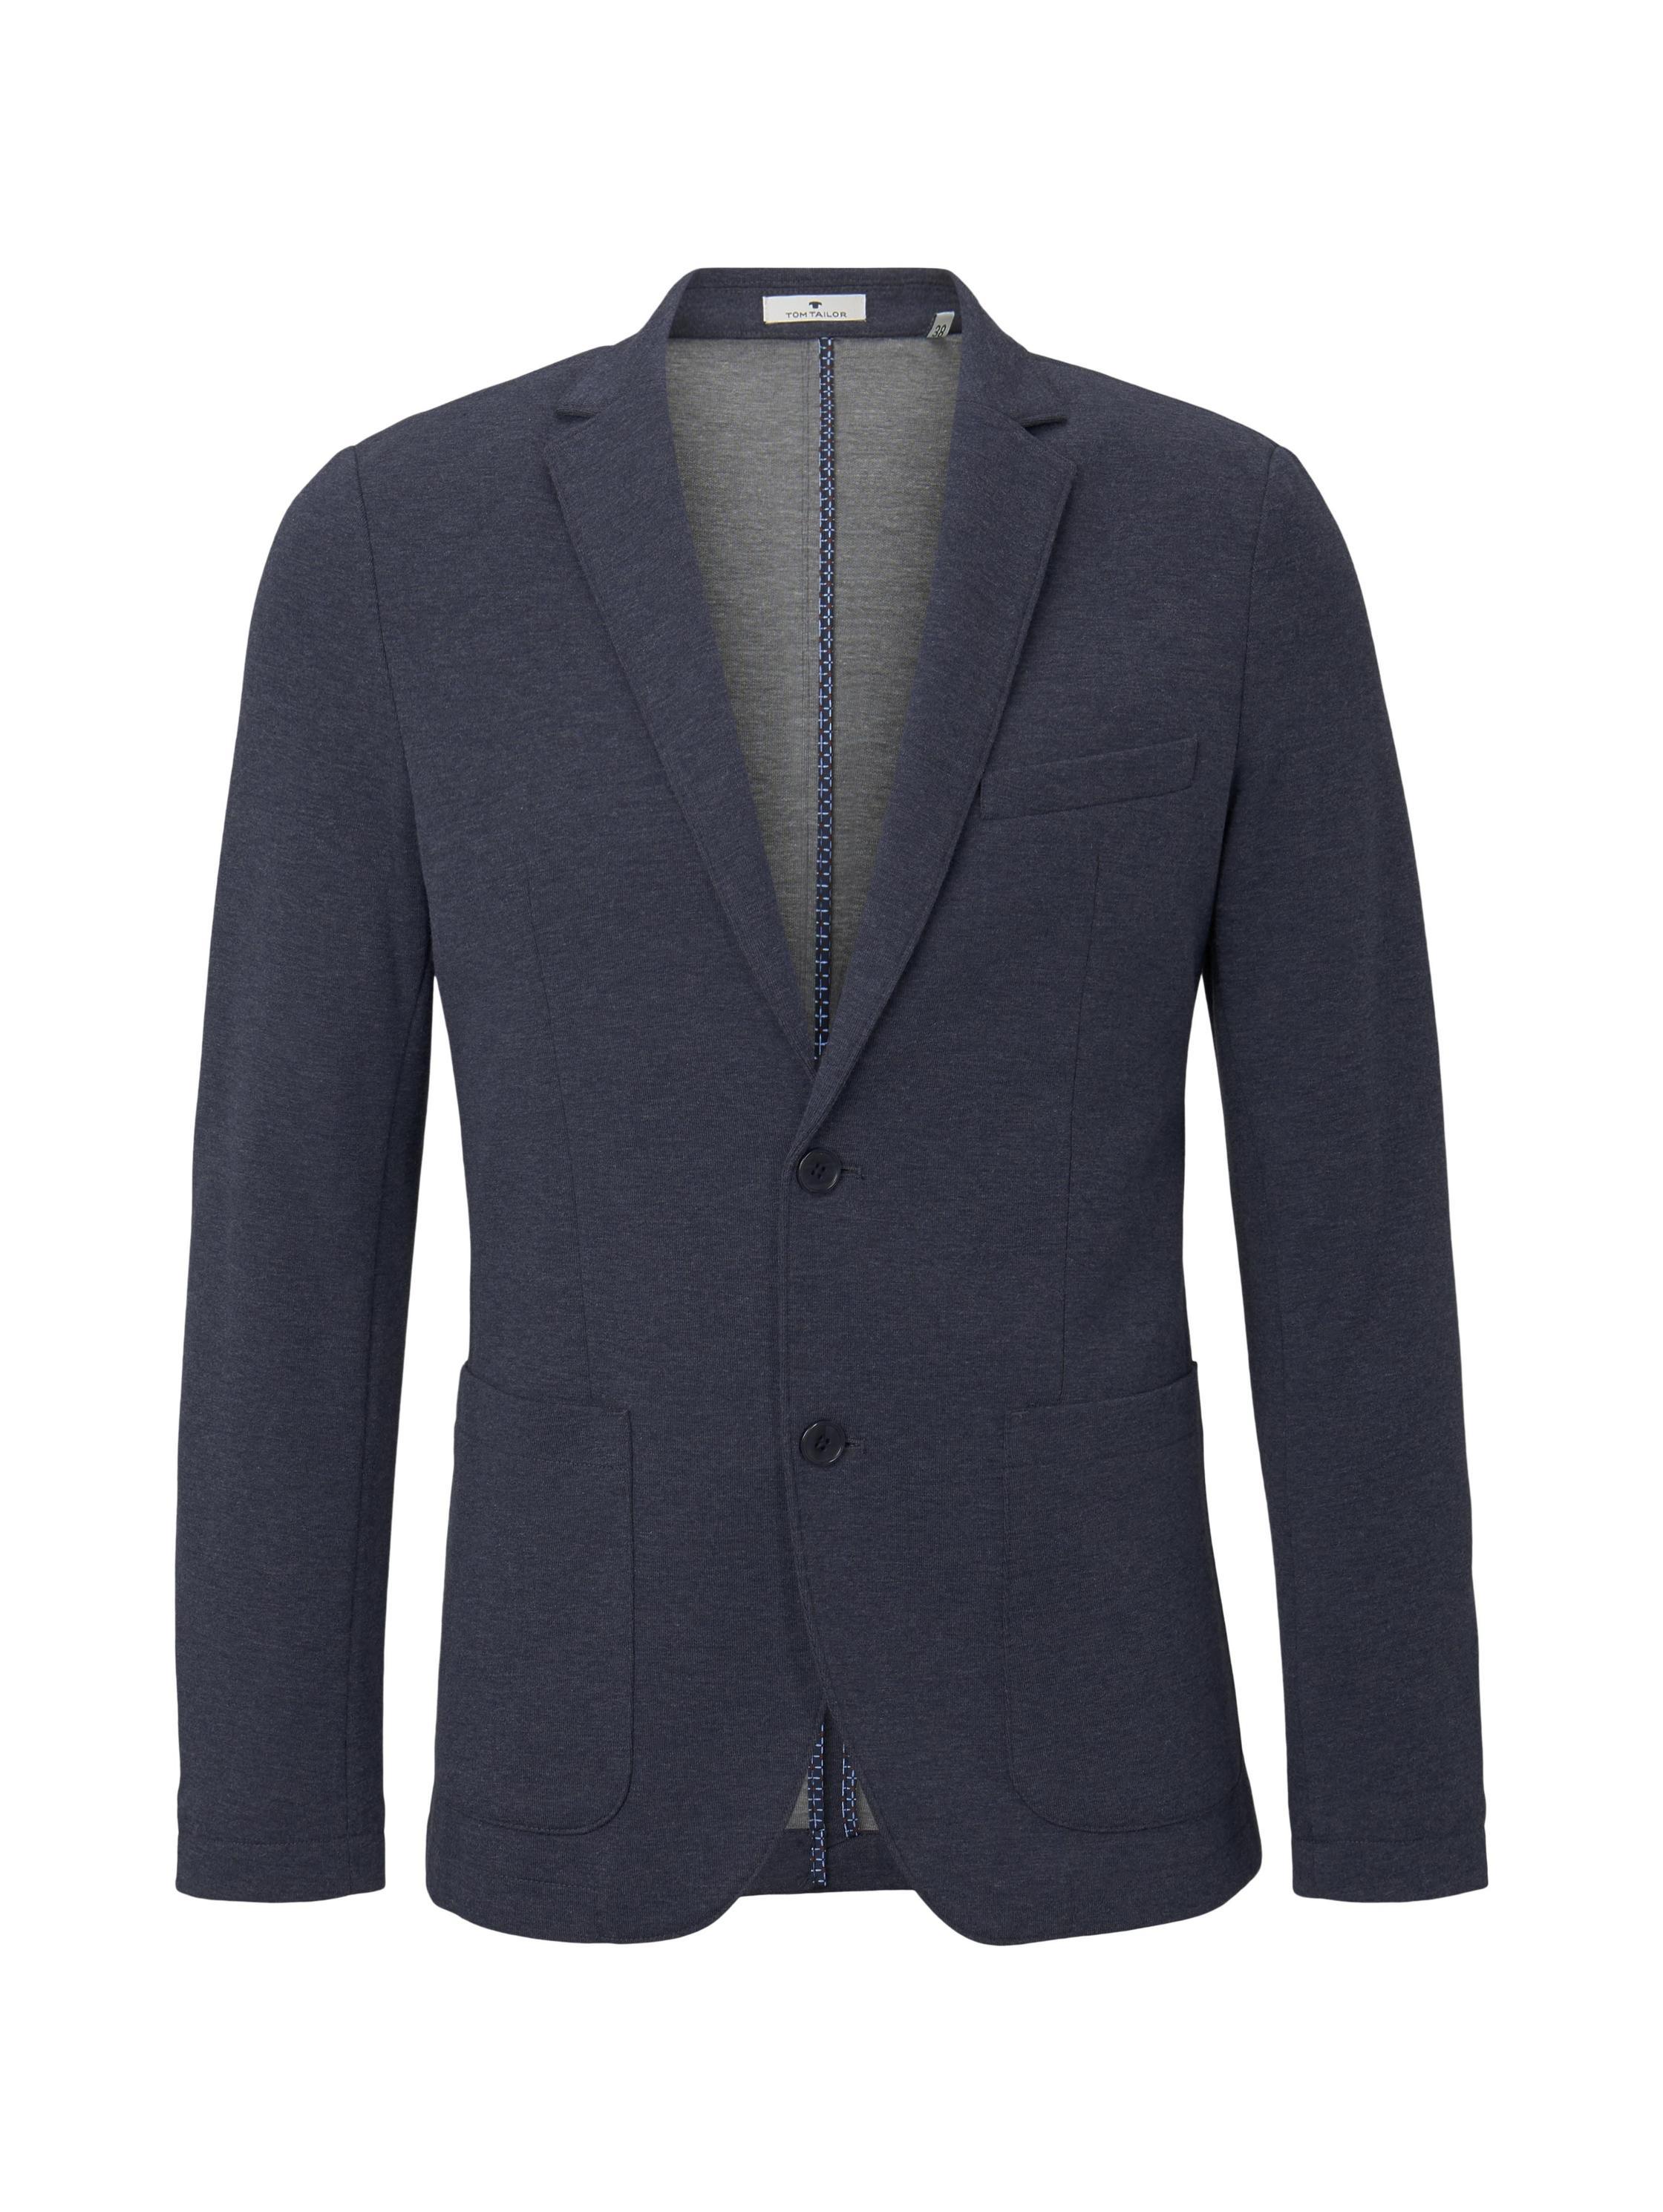 casual  jersey blazer, after dark blue white melange